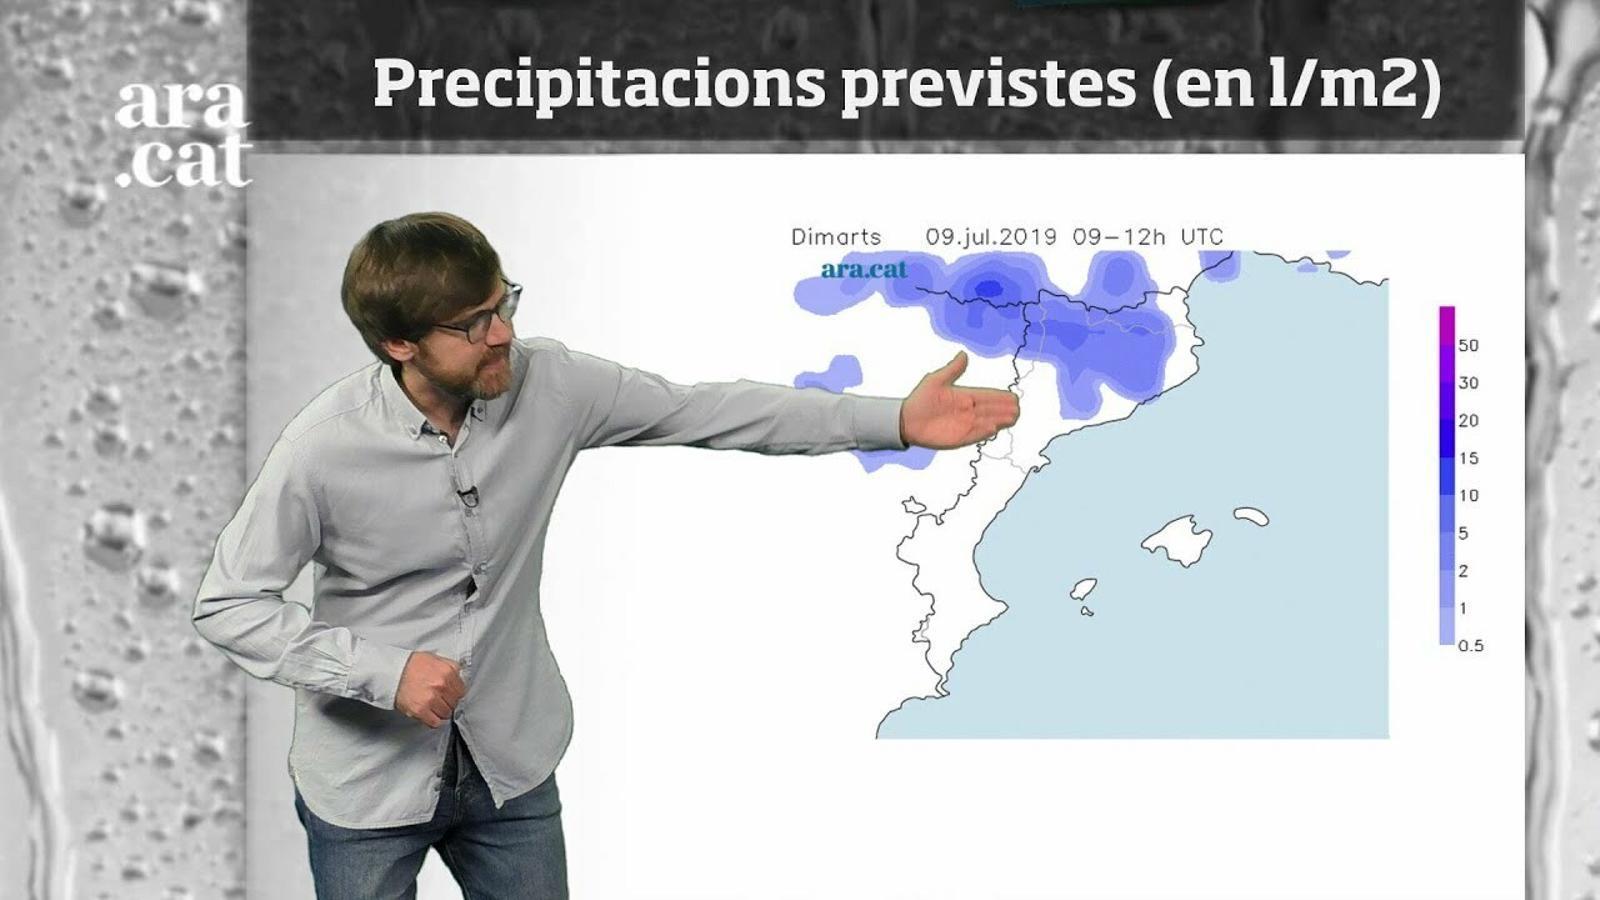 La méteo en 1 minut: tempestes irregulars i temperatures més baixes